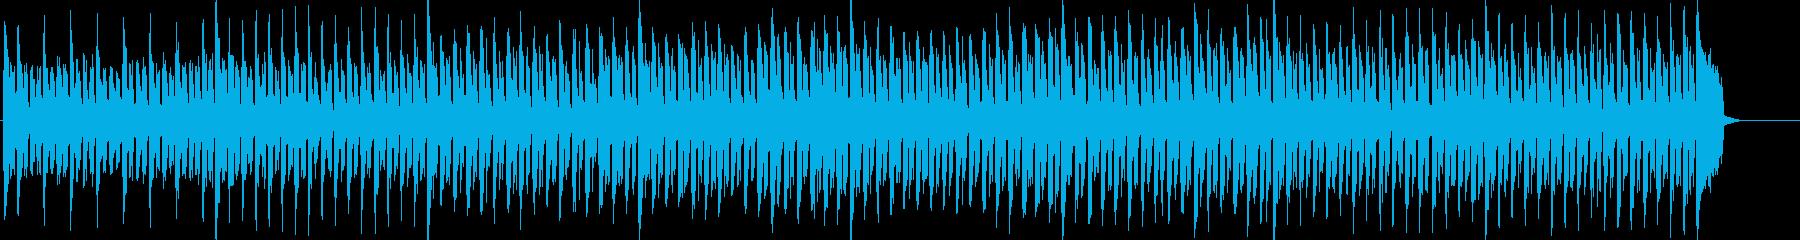 コミカルな子供向けテクノポップの再生済みの波形